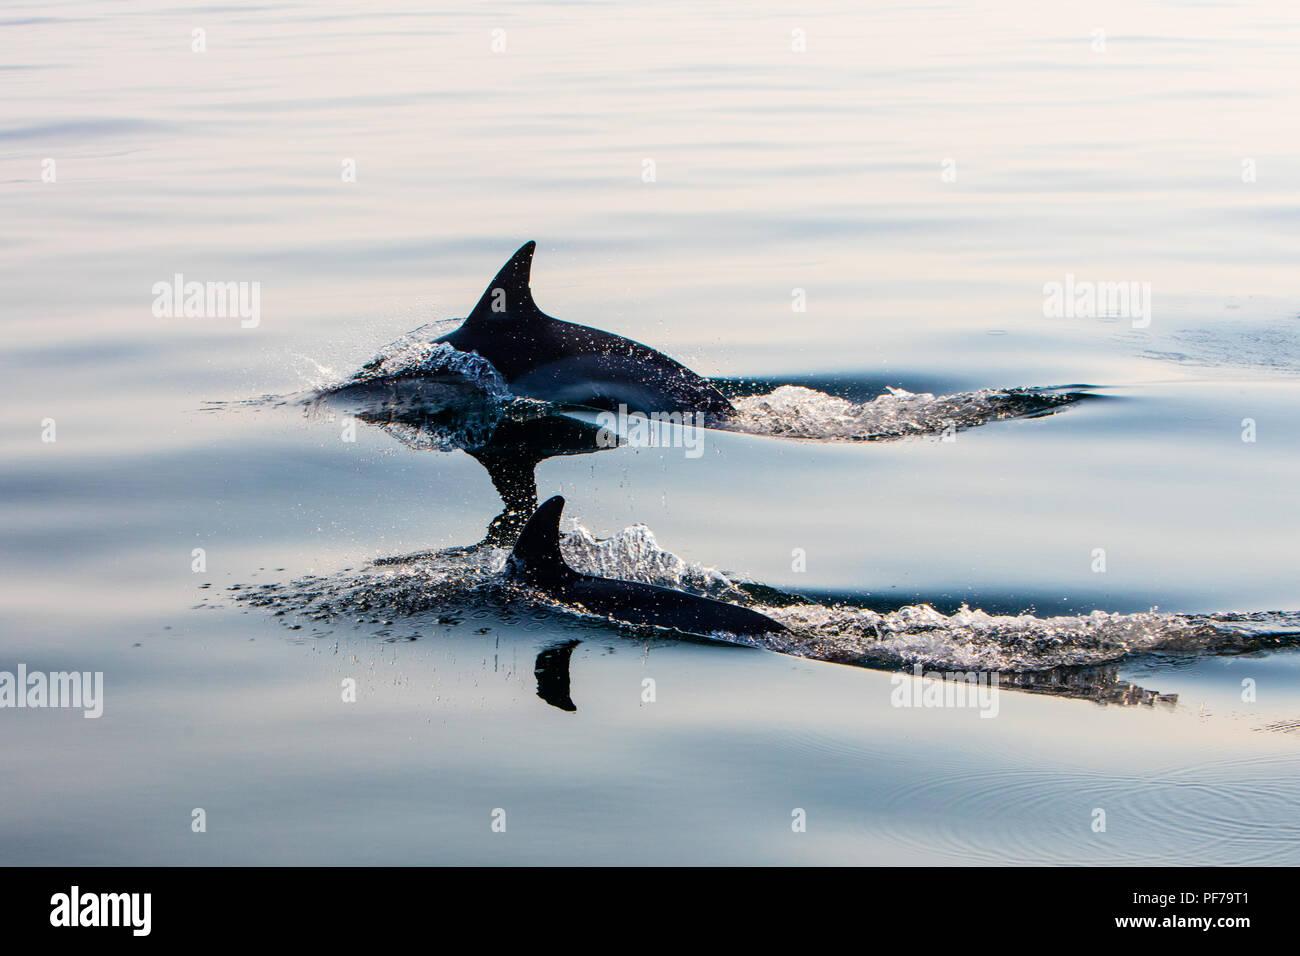 Une paire d'Short-Beaked agile et rapide des dauphins communs, Delphinus delphis, nager dans l'océan Atlantique Nord au large de Cape Cod, au Massachusetts. Photo Stock